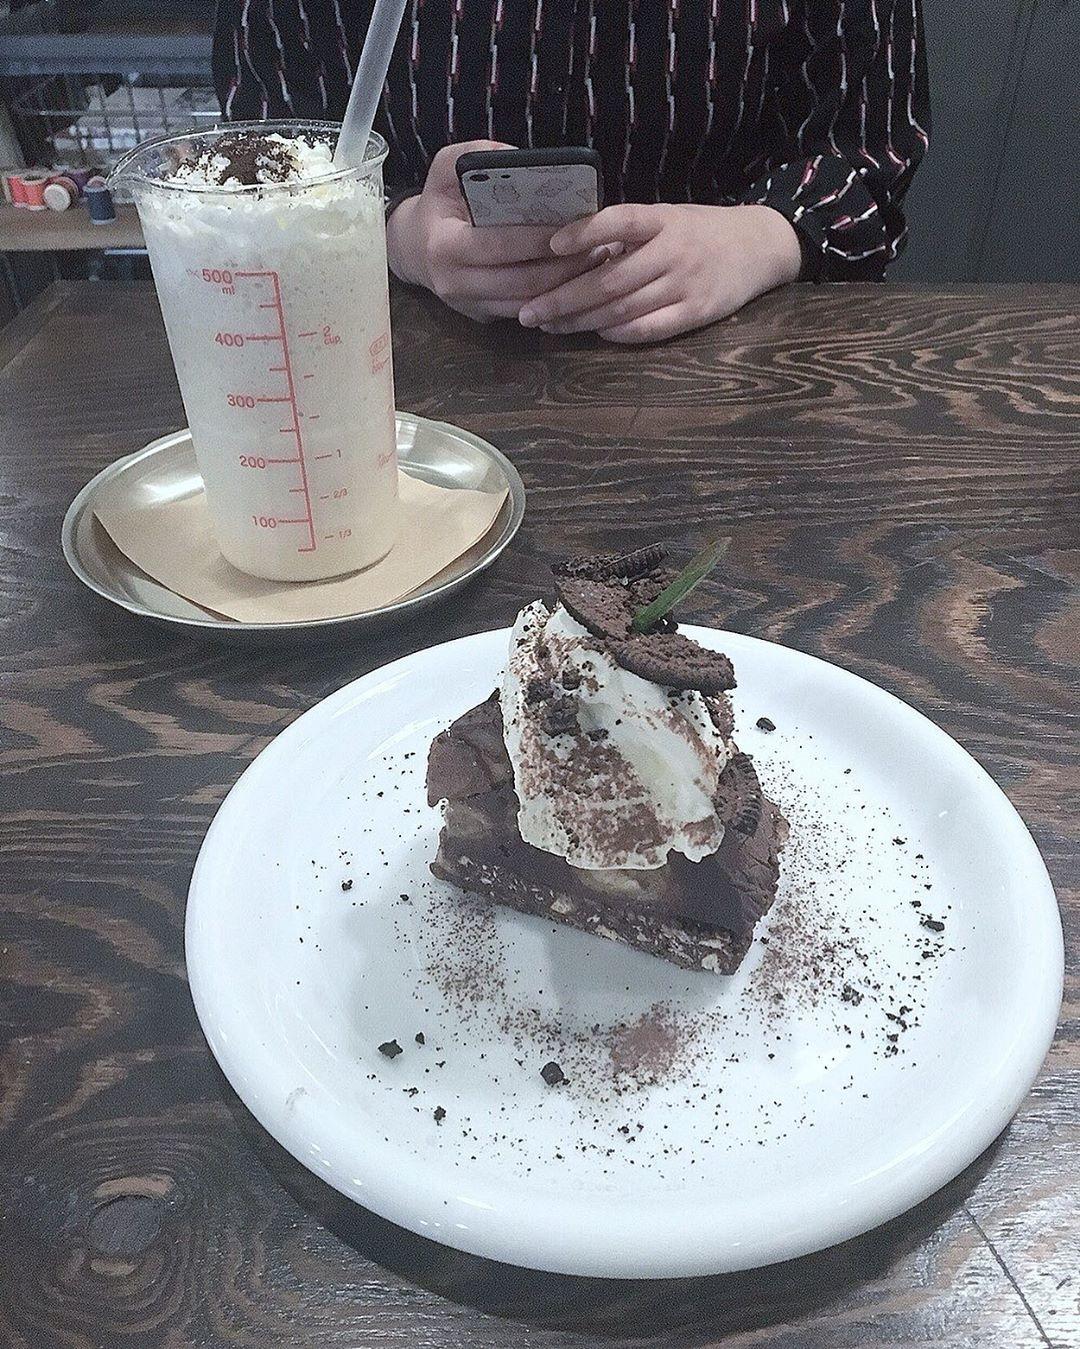 読書に没頭できる『Cafe 青山文庫』